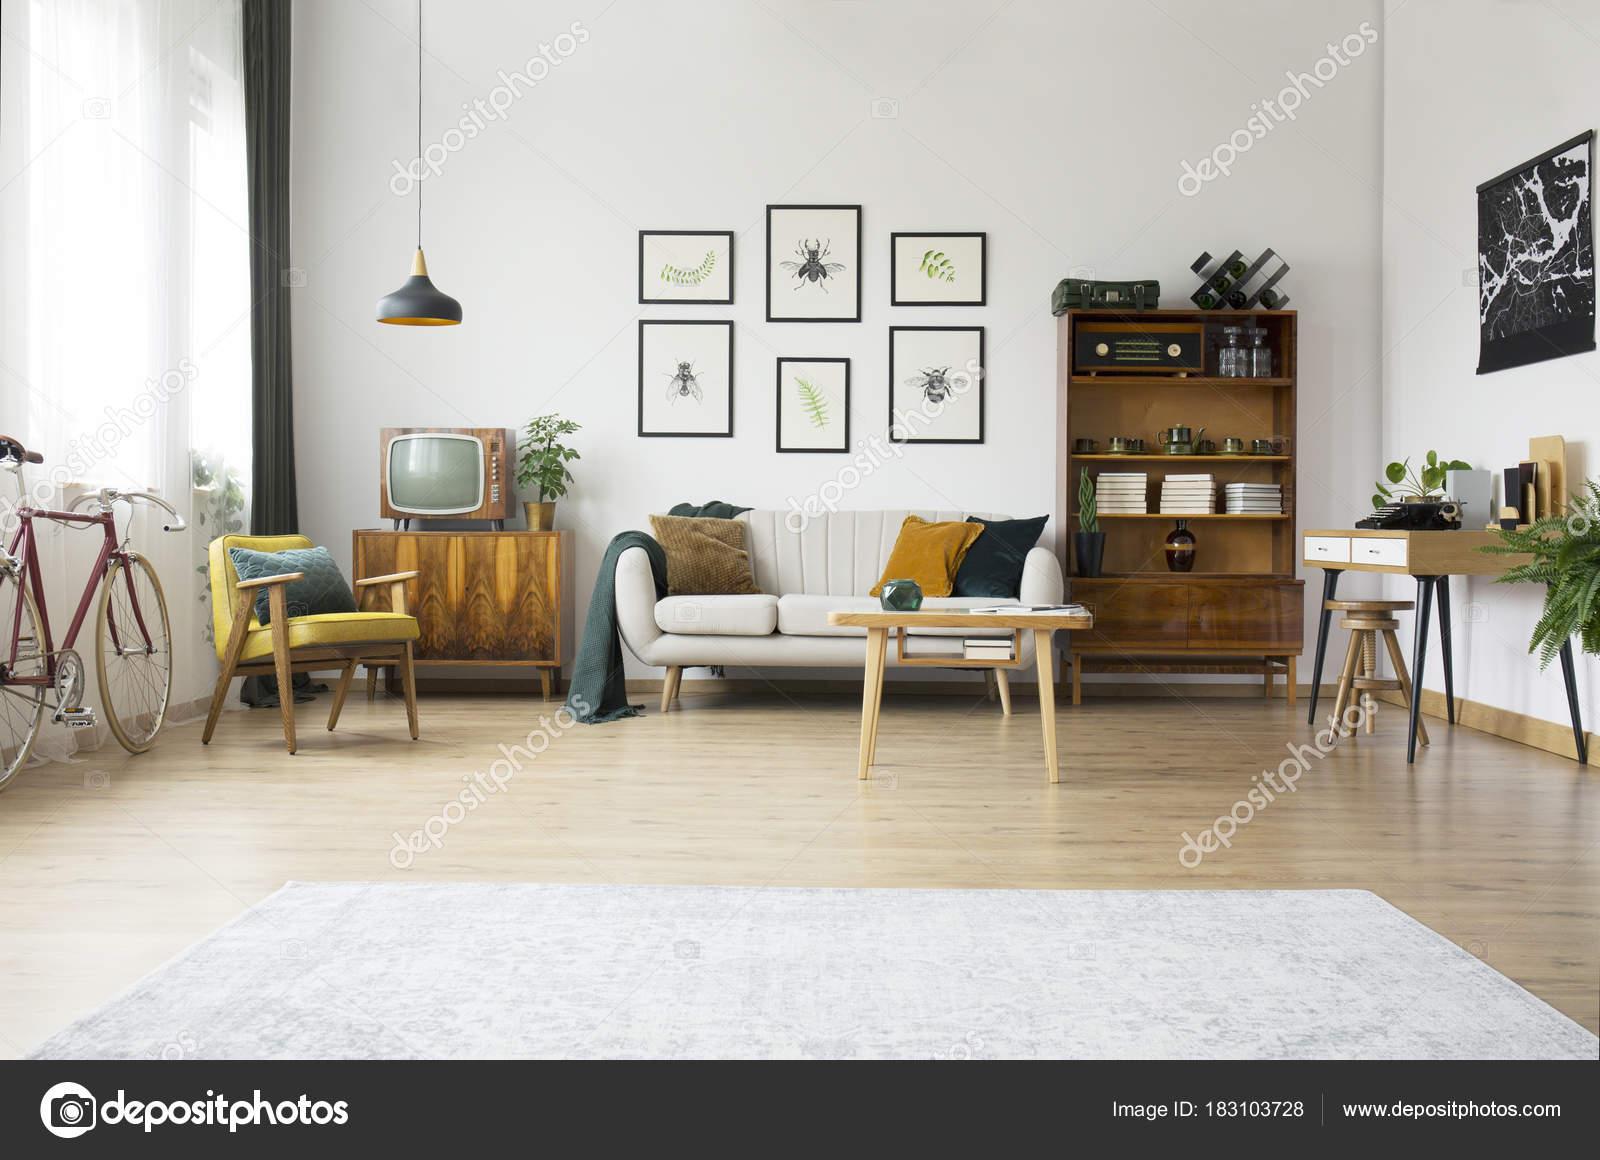 Vintage-Möbel im Wohnzimmer — Stockfoto © photographee.eu #183103728